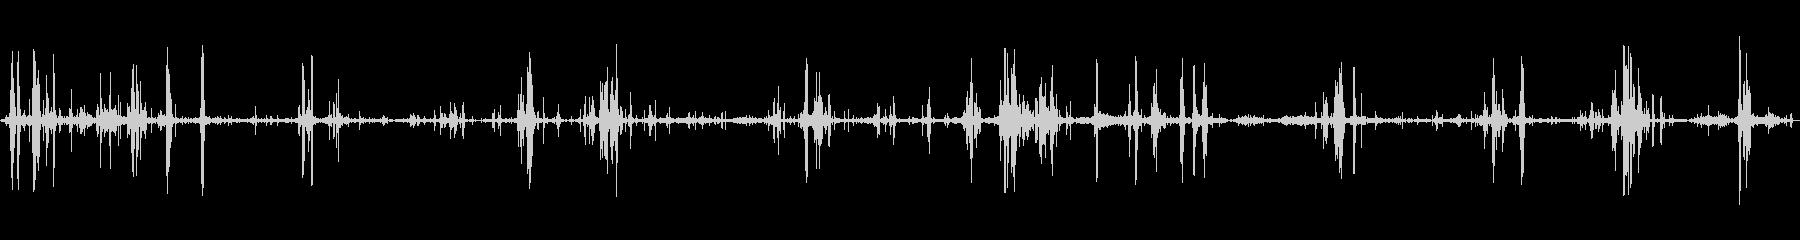 ウォーキングレザークリーク、キージ...の未再生の波形